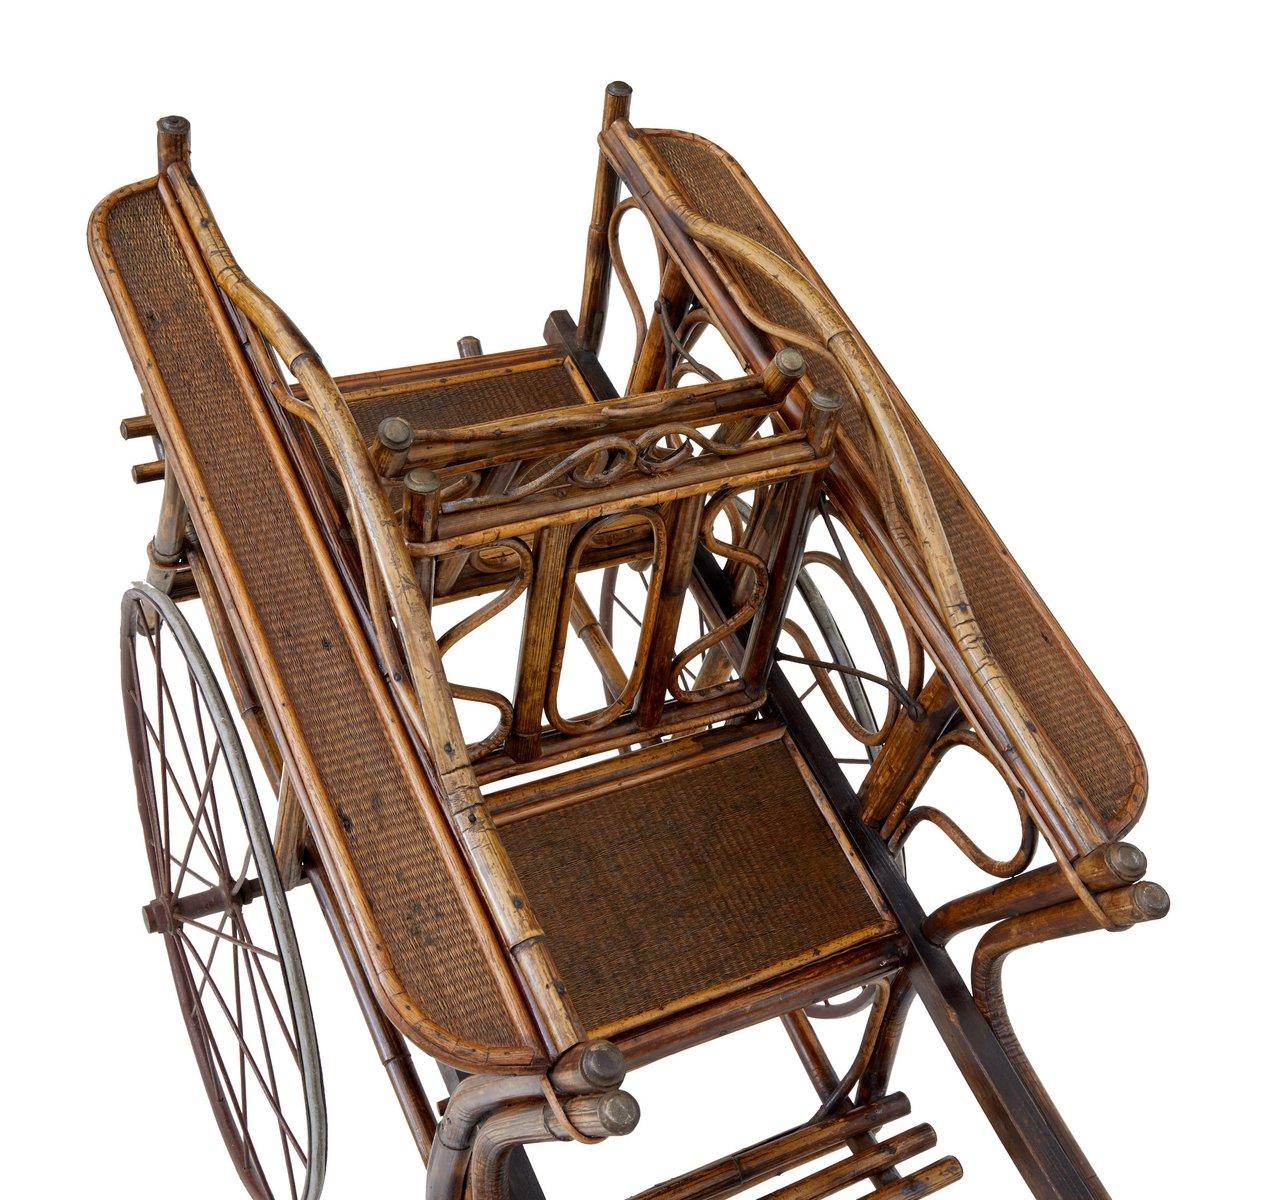 vintage 2 sitzer kinderwagen aus bambus bei pamono kaufen. Black Bedroom Furniture Sets. Home Design Ideas